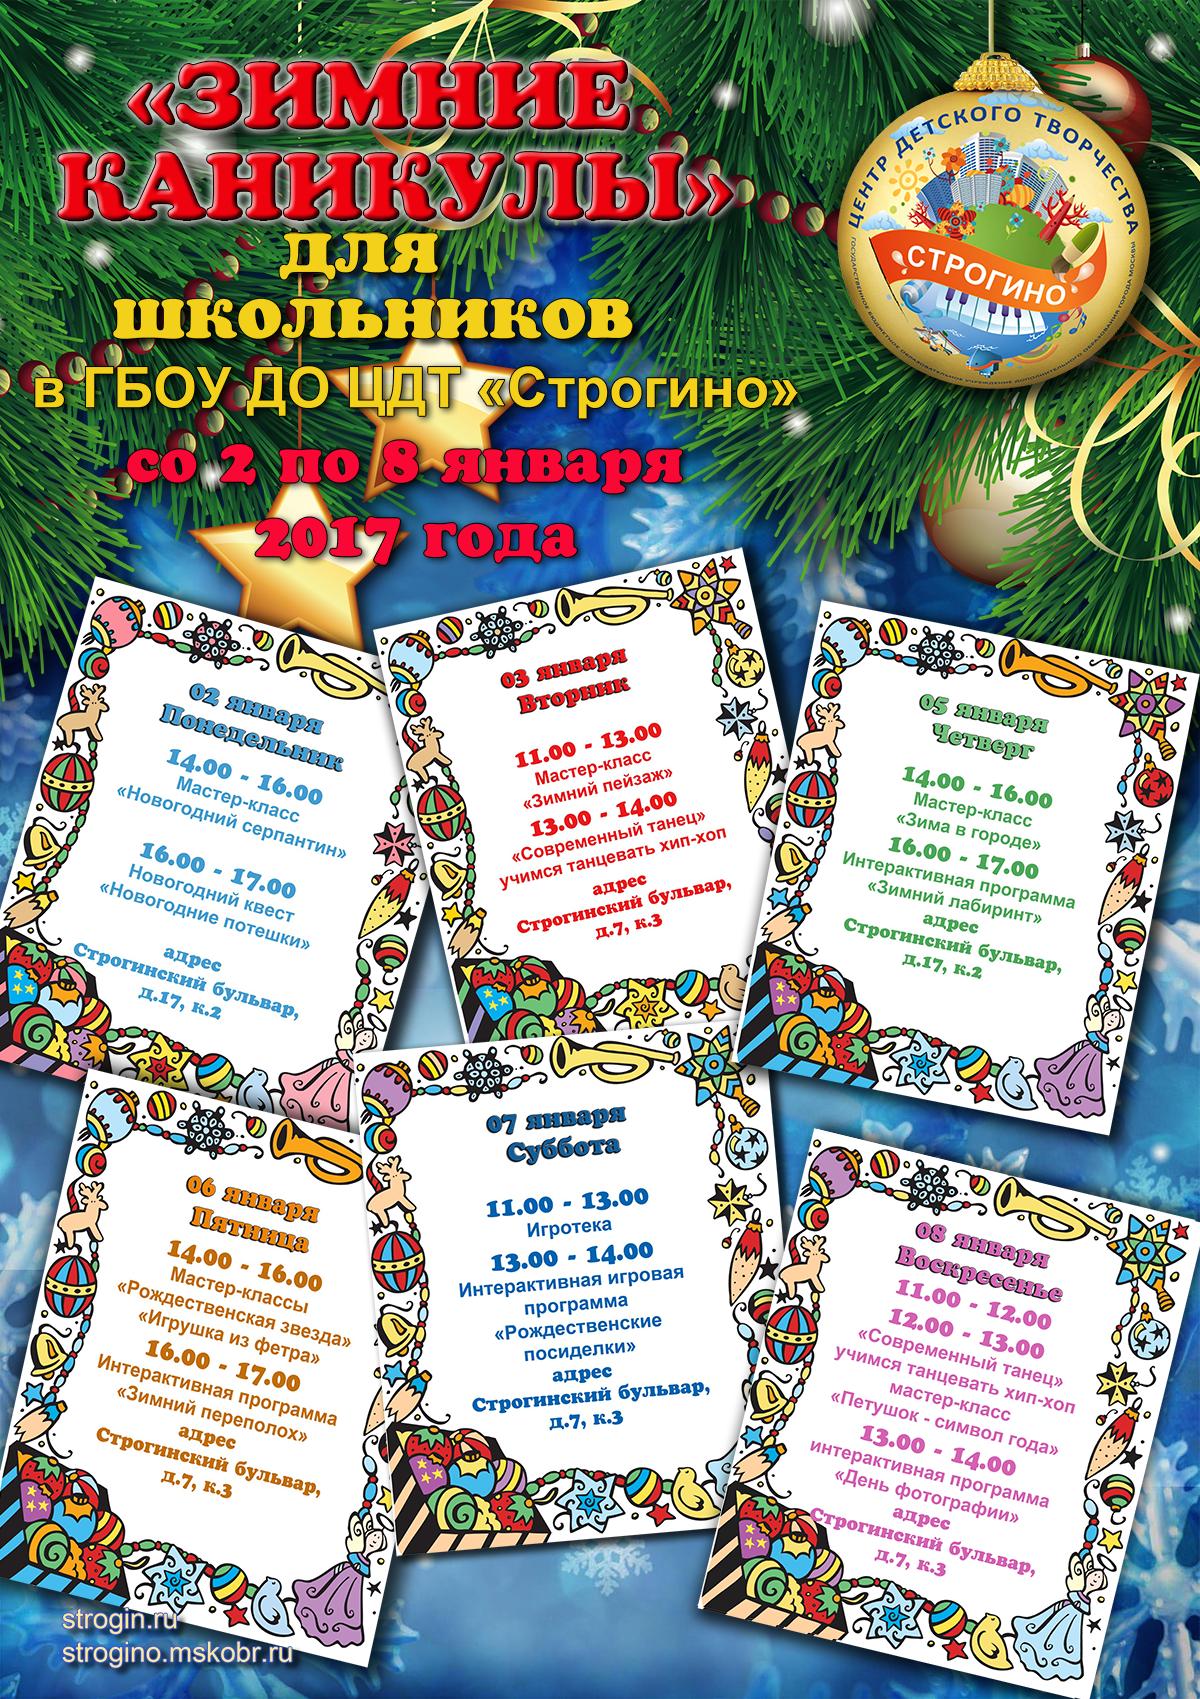 zimnie-kanikuly-v-moskve-dlya-shkolnikov-meropriyatiya.png